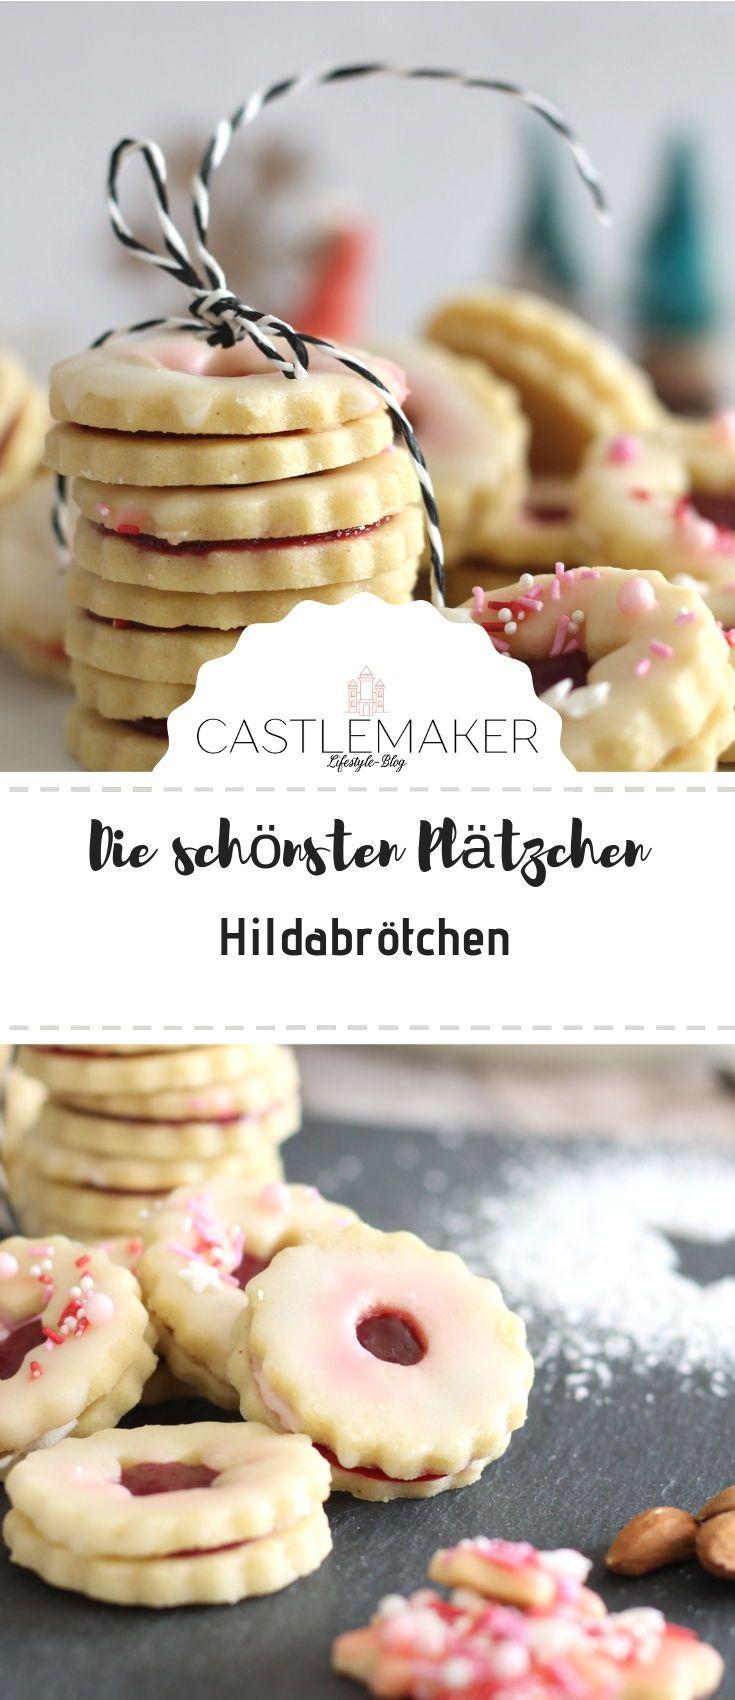 Hildabrötchen #plätzchenrezept